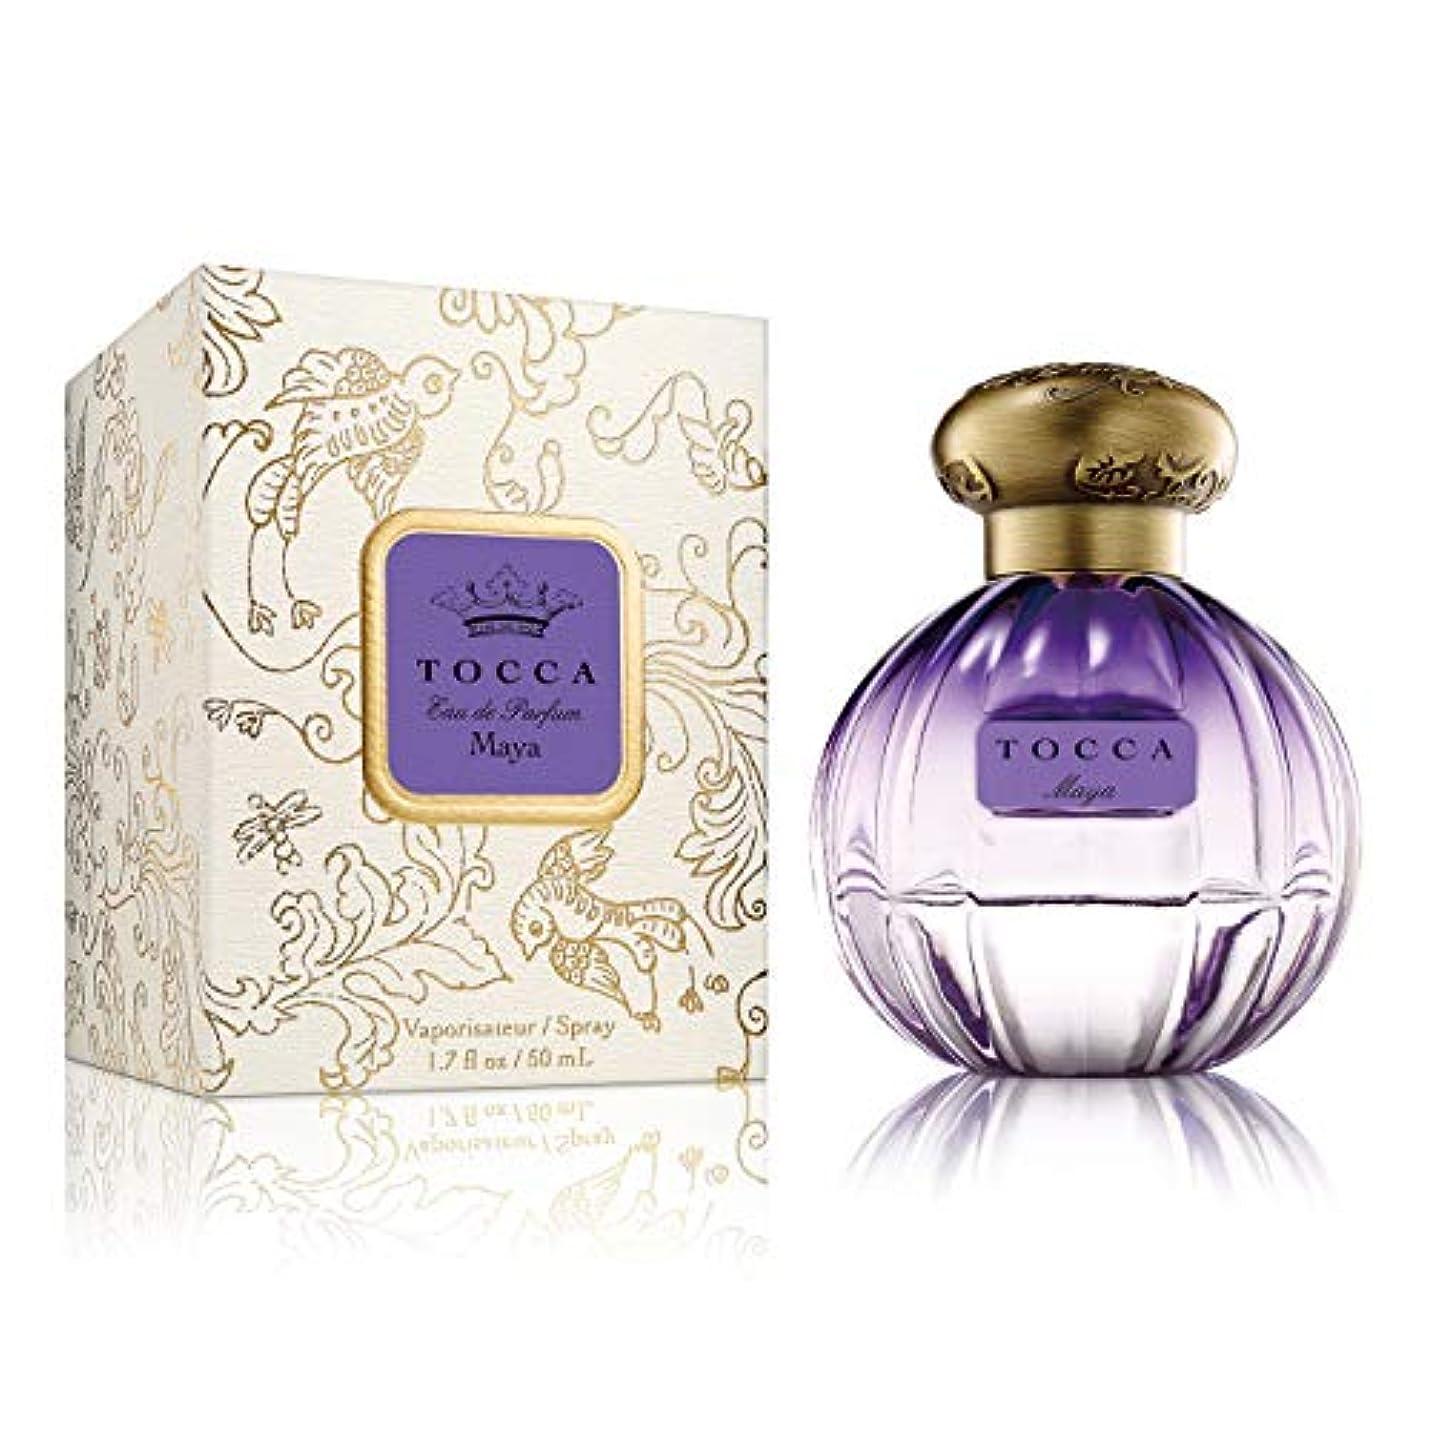 アラビア語ブラウズルートTOCCA オードパルファム マヤの香り 50mL(香水?オークモスのフローラルウッディの香り)